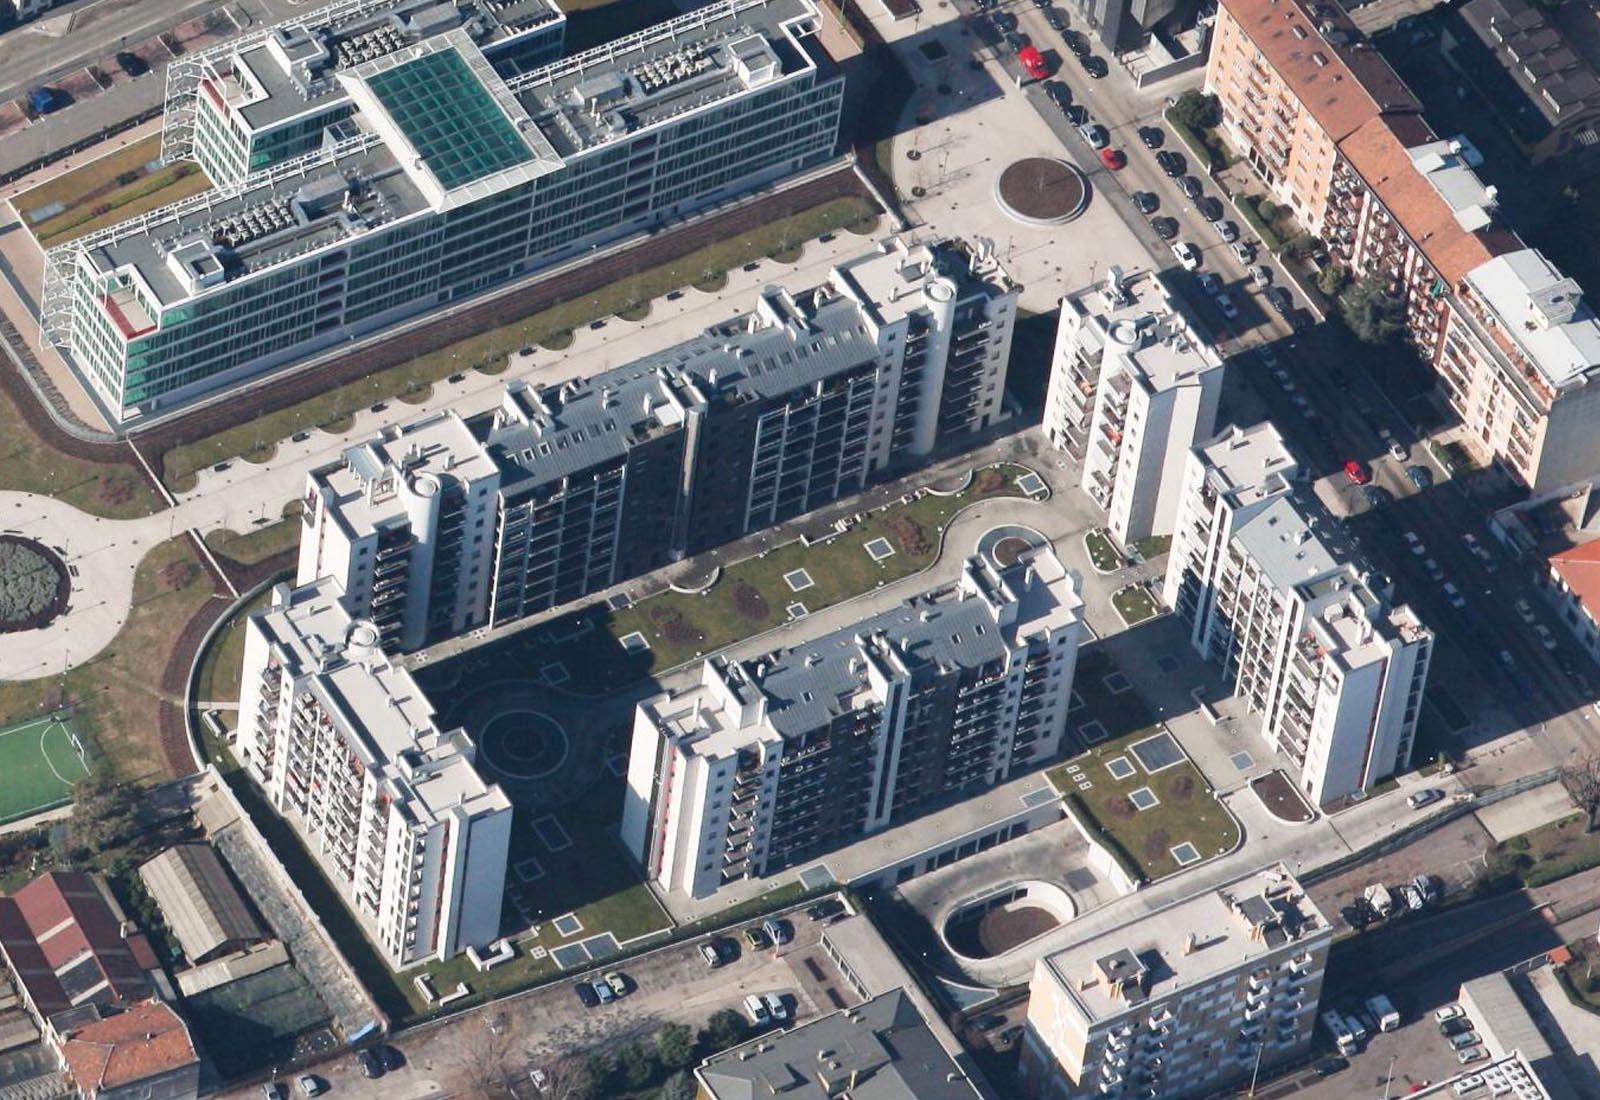 Villaggio cooperativo Grazioli - Vista aerea